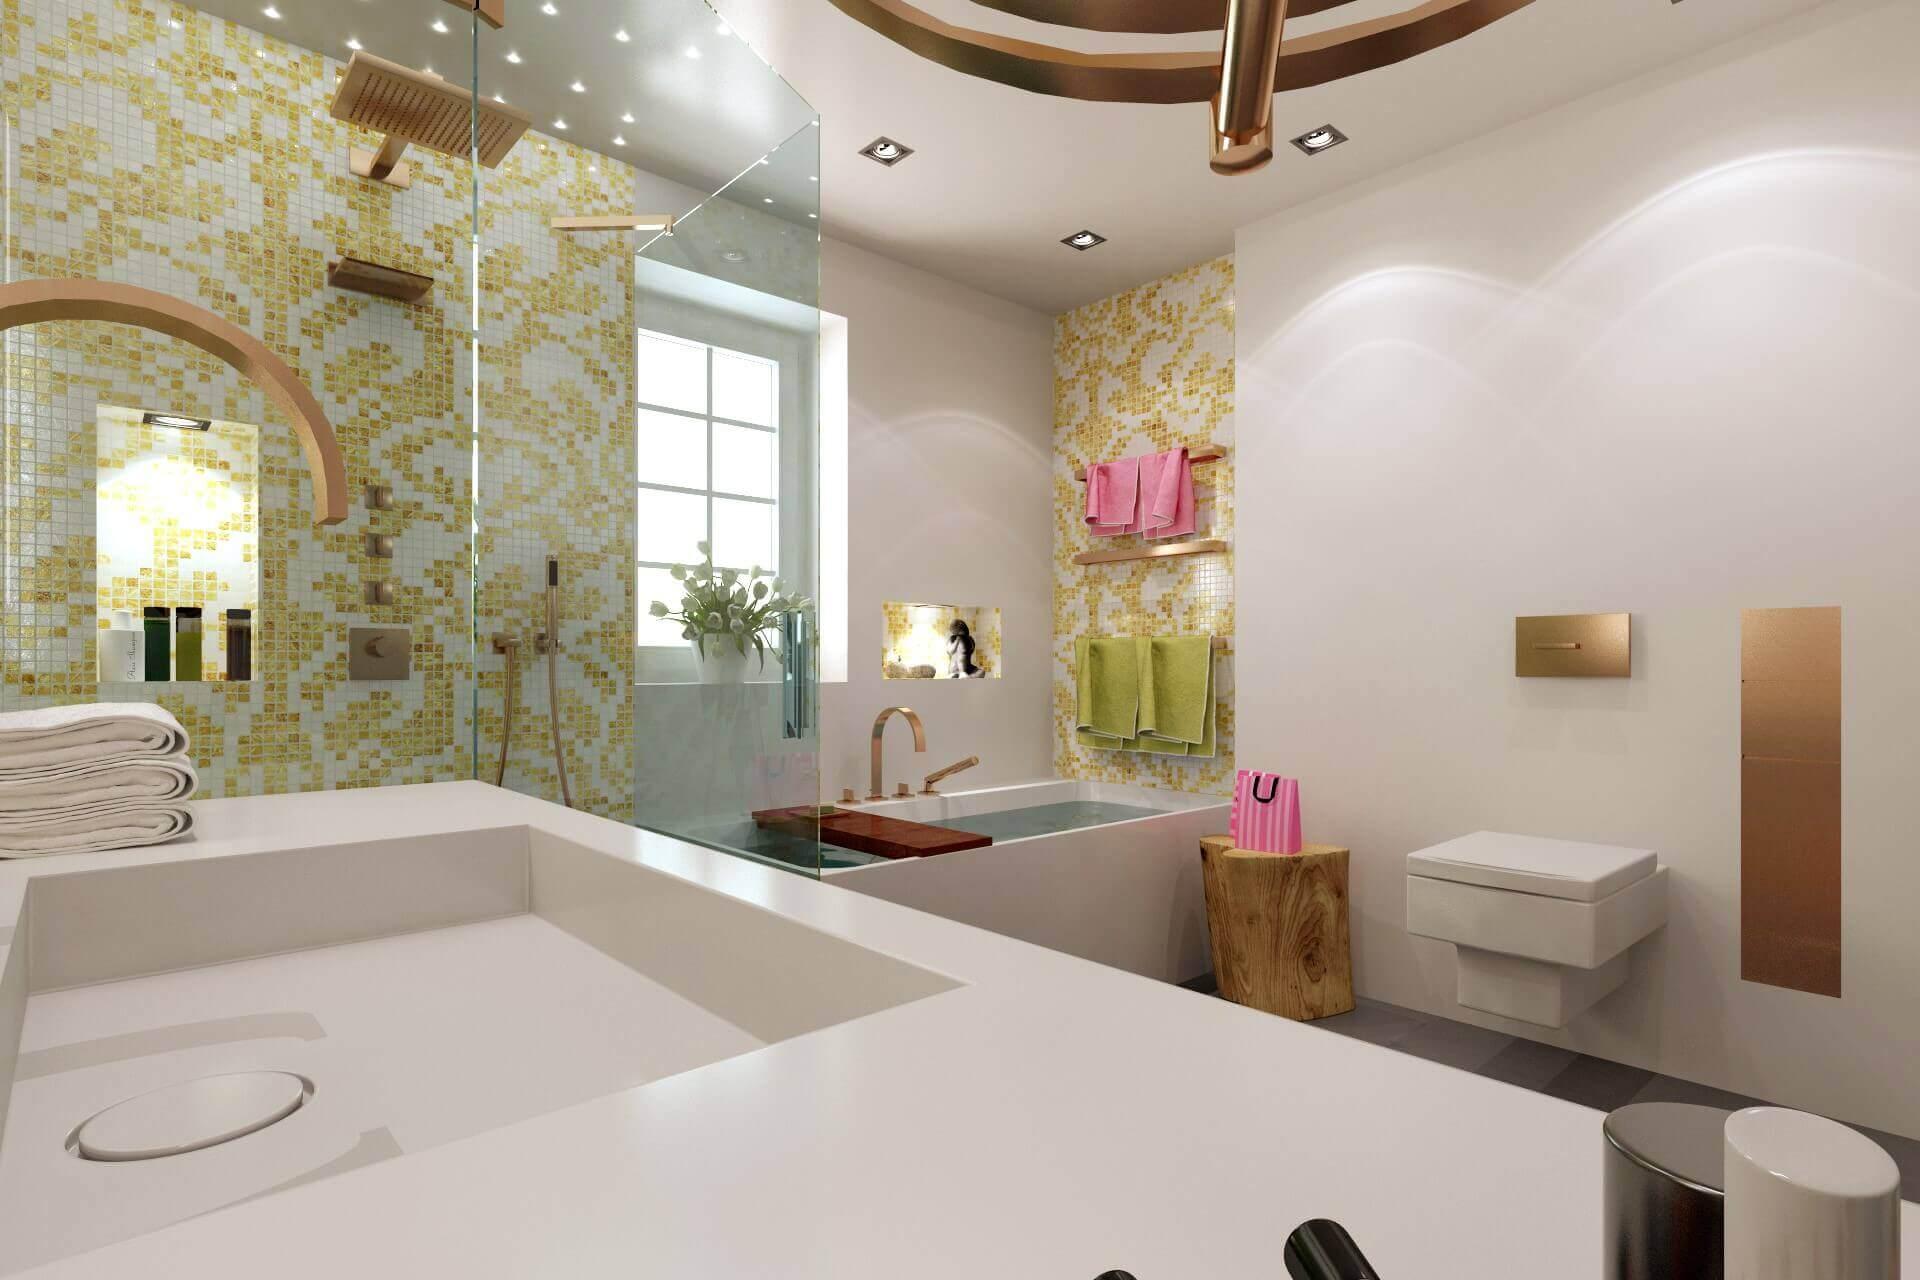 Kleines Bad Mit Badewanne Und